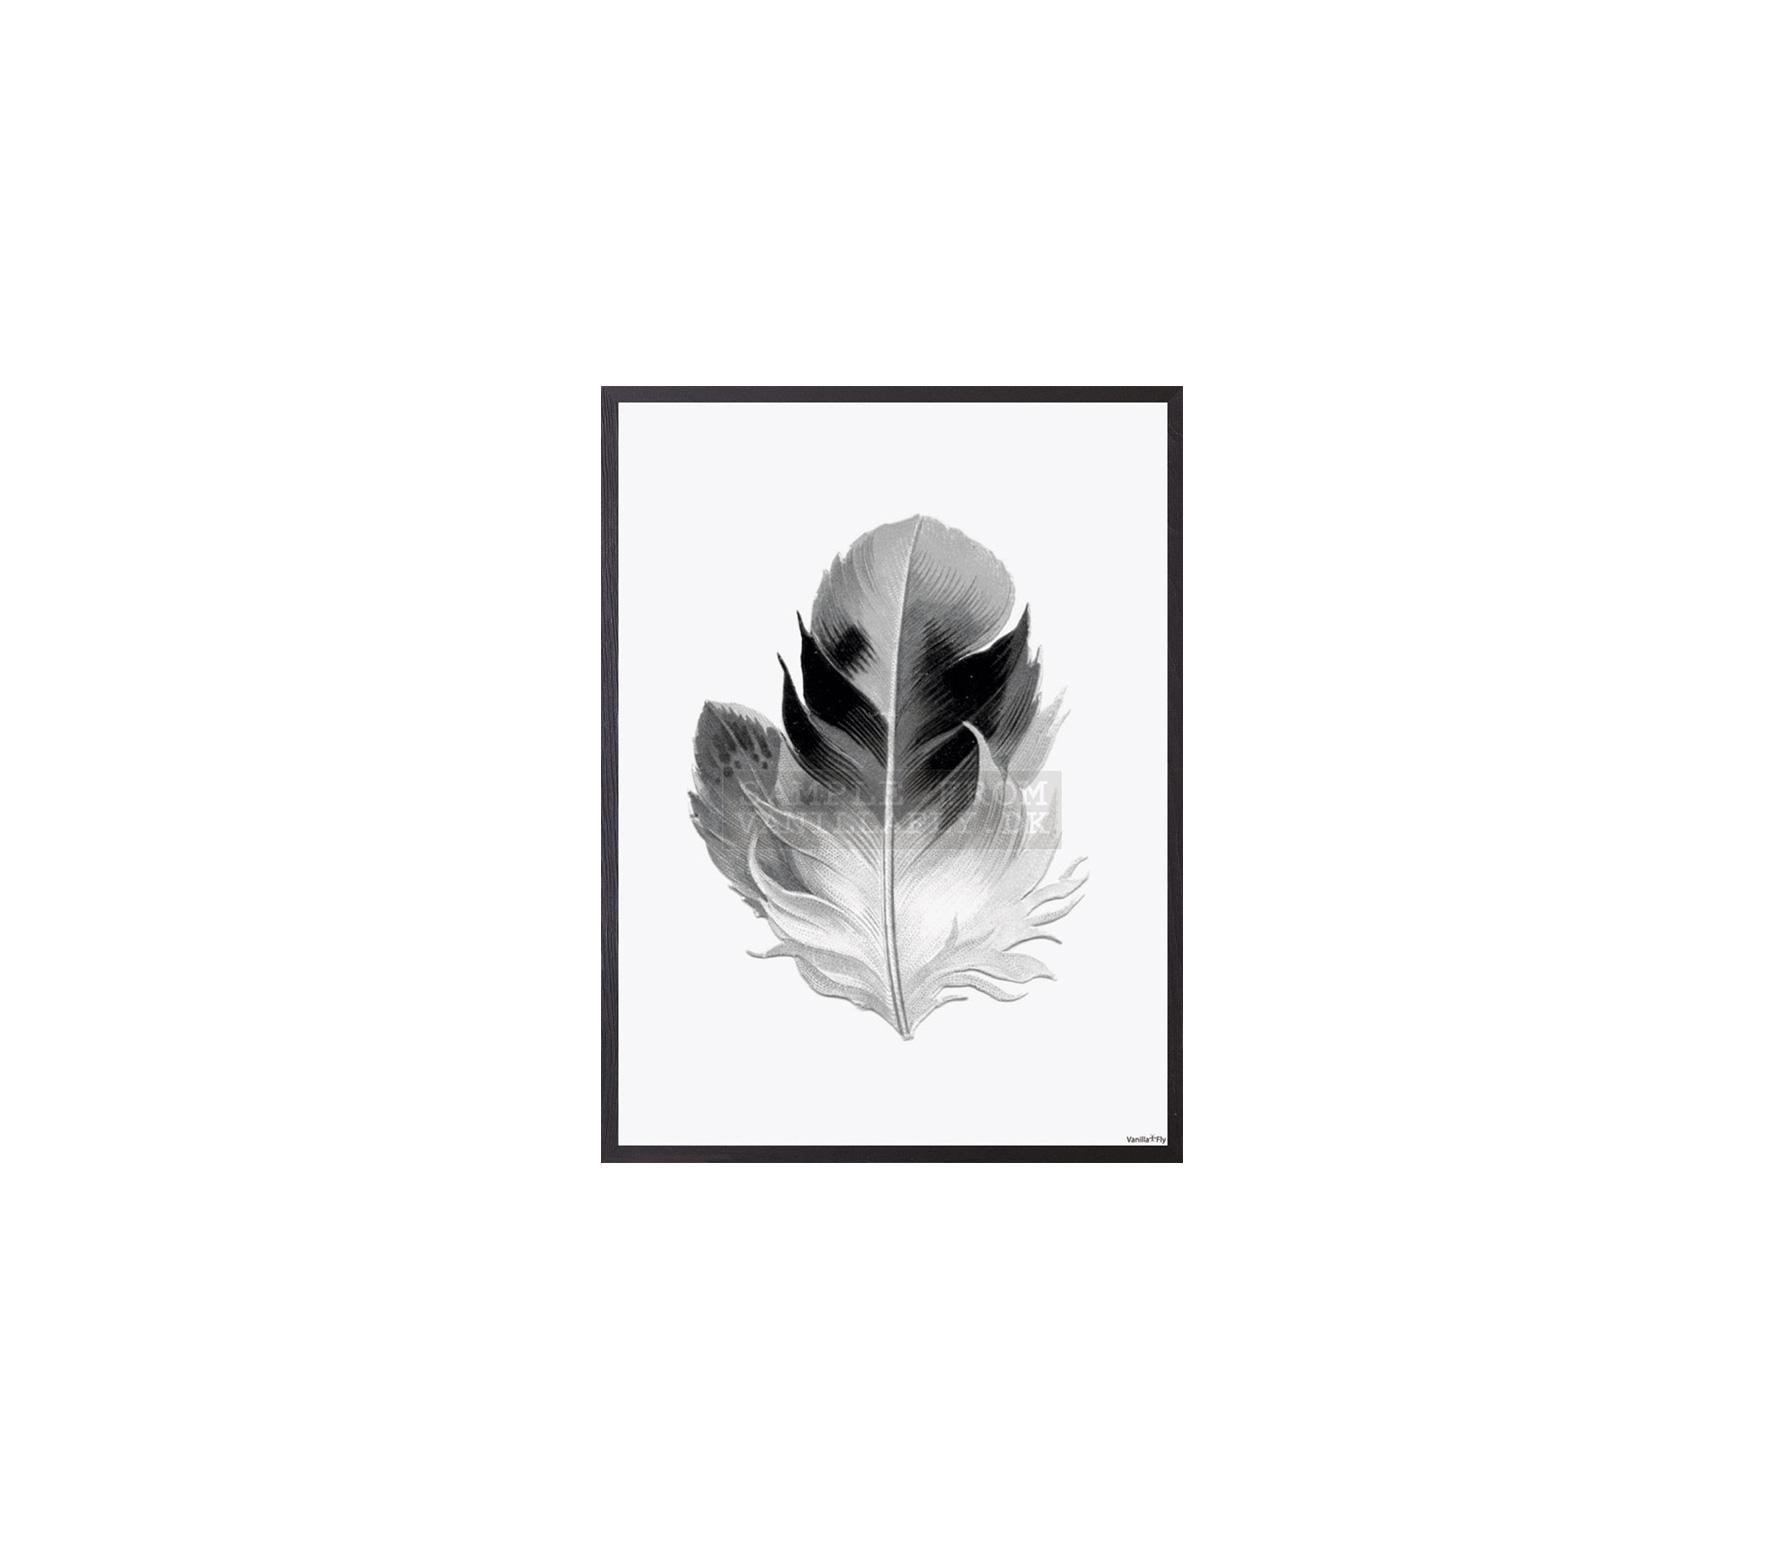 Poster Veer zwart/wit incl. frame hout 20x25 cm - S